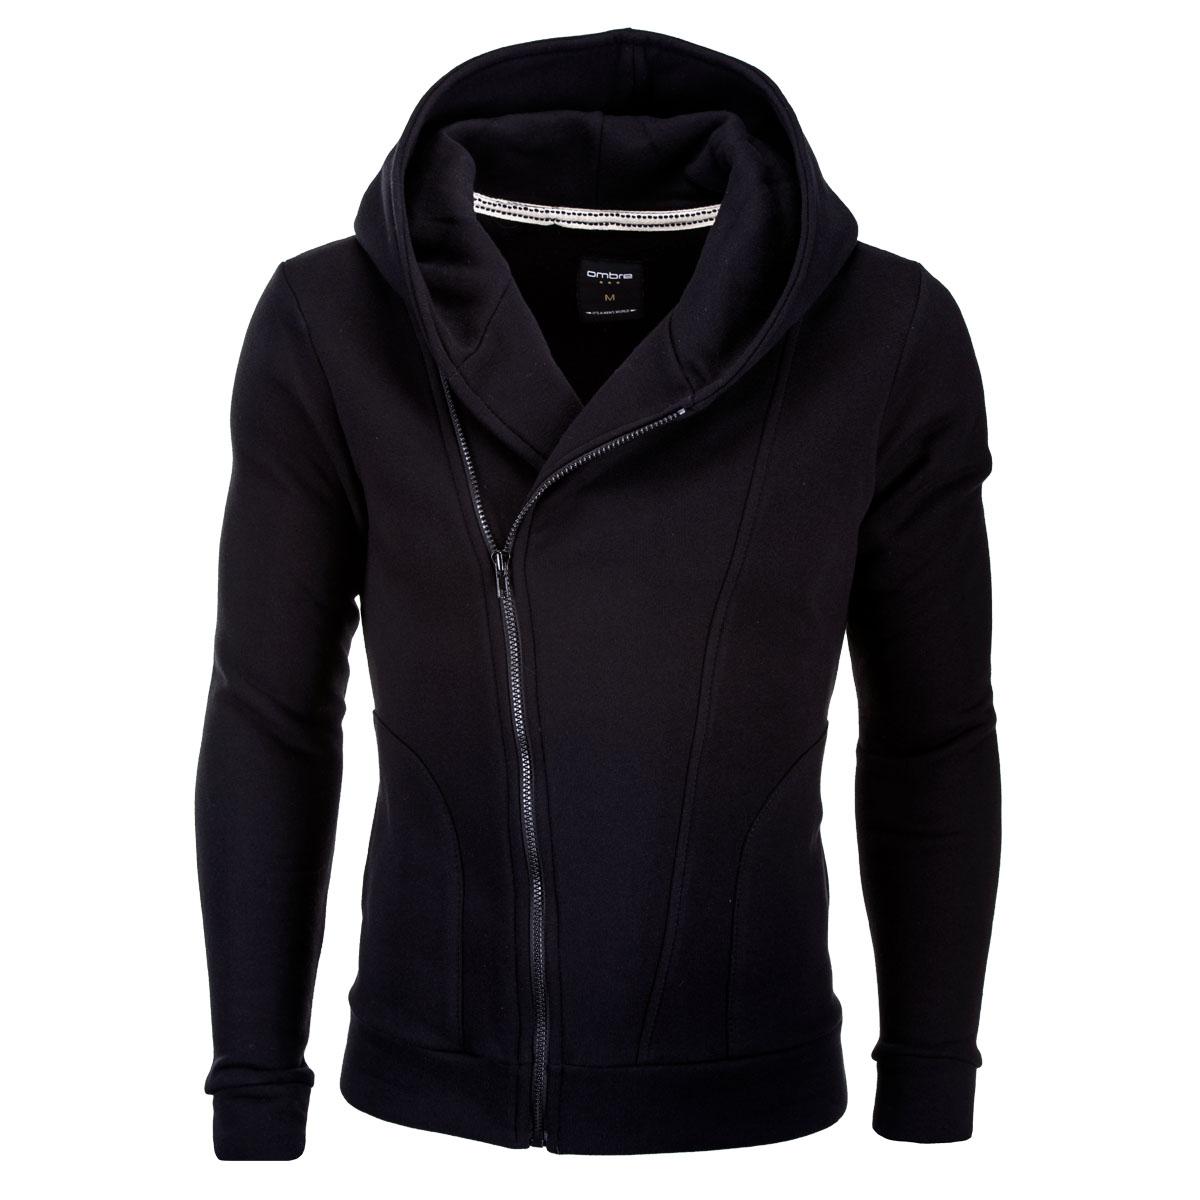 Ombre Clothing Pánská černá mikina Primo s assassin creed kapucí ... 1c8e716da73